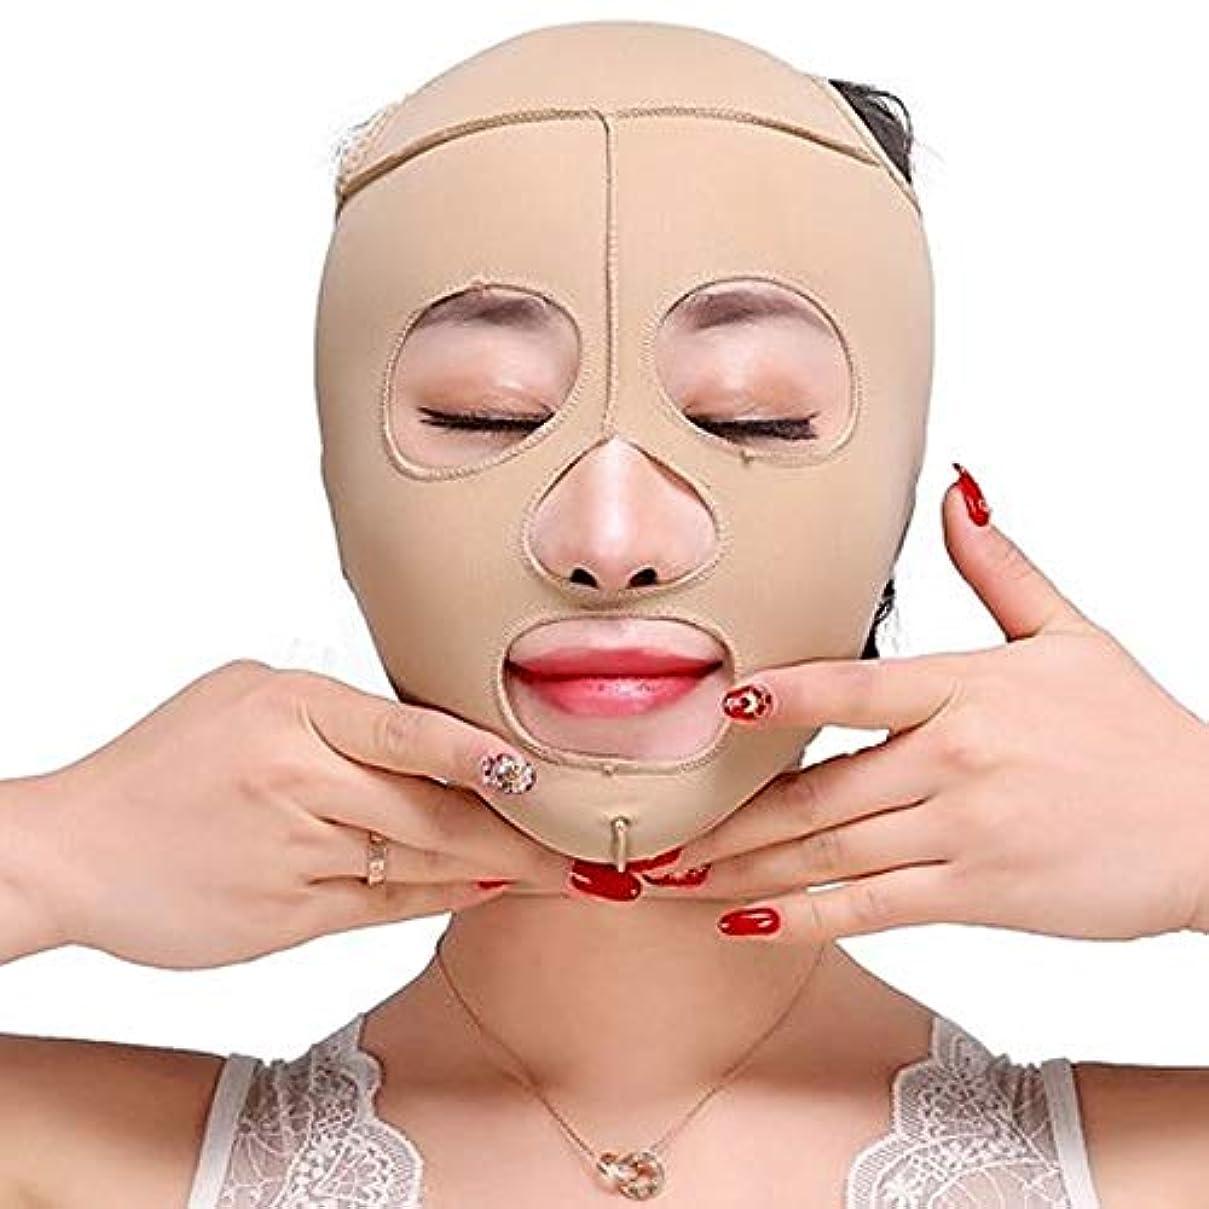 元に戻すミンチ同一のフェイスリフティングアーティファクト睡眠薄い顔顔の顔薄い顔V顔マスク二重あご薄い顔包帯肌色 (サイズ さいず : XL)